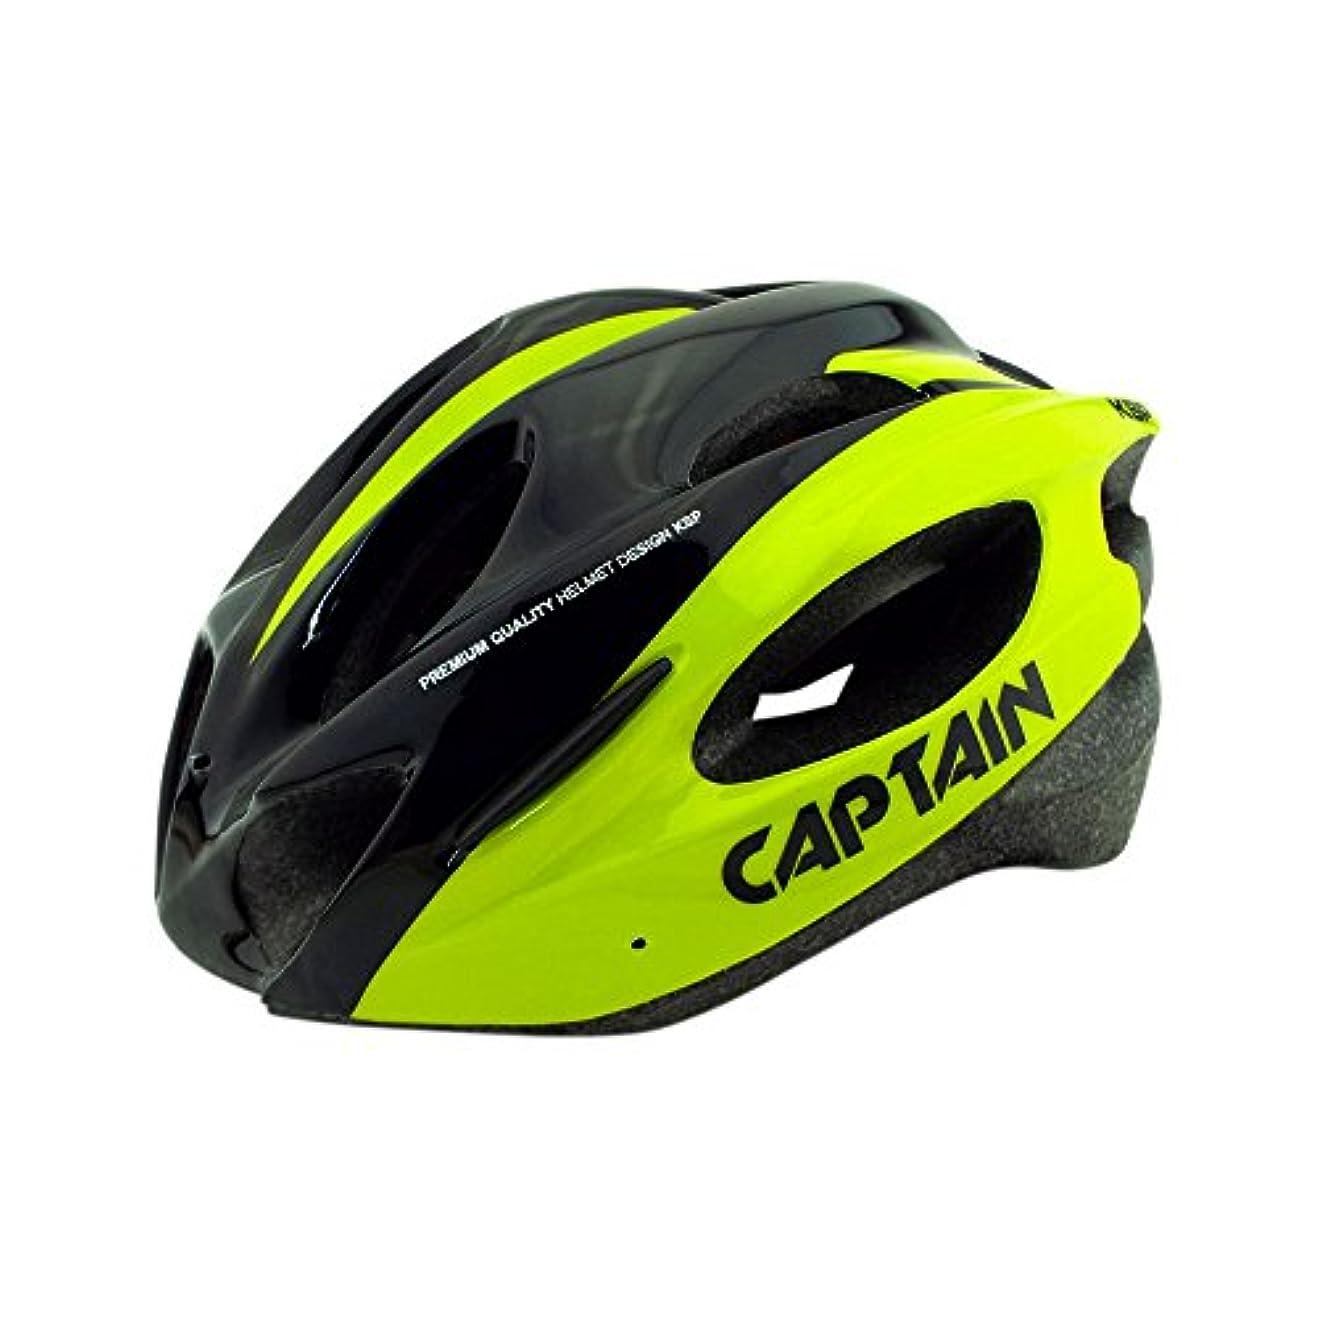 ほかにベルトスラム街(KINGKA SPORTS) キンカスポーツ CAPTAIN 自転車用 ヘルメット ロードバイク サイクリング 超軽量 通勤 通学